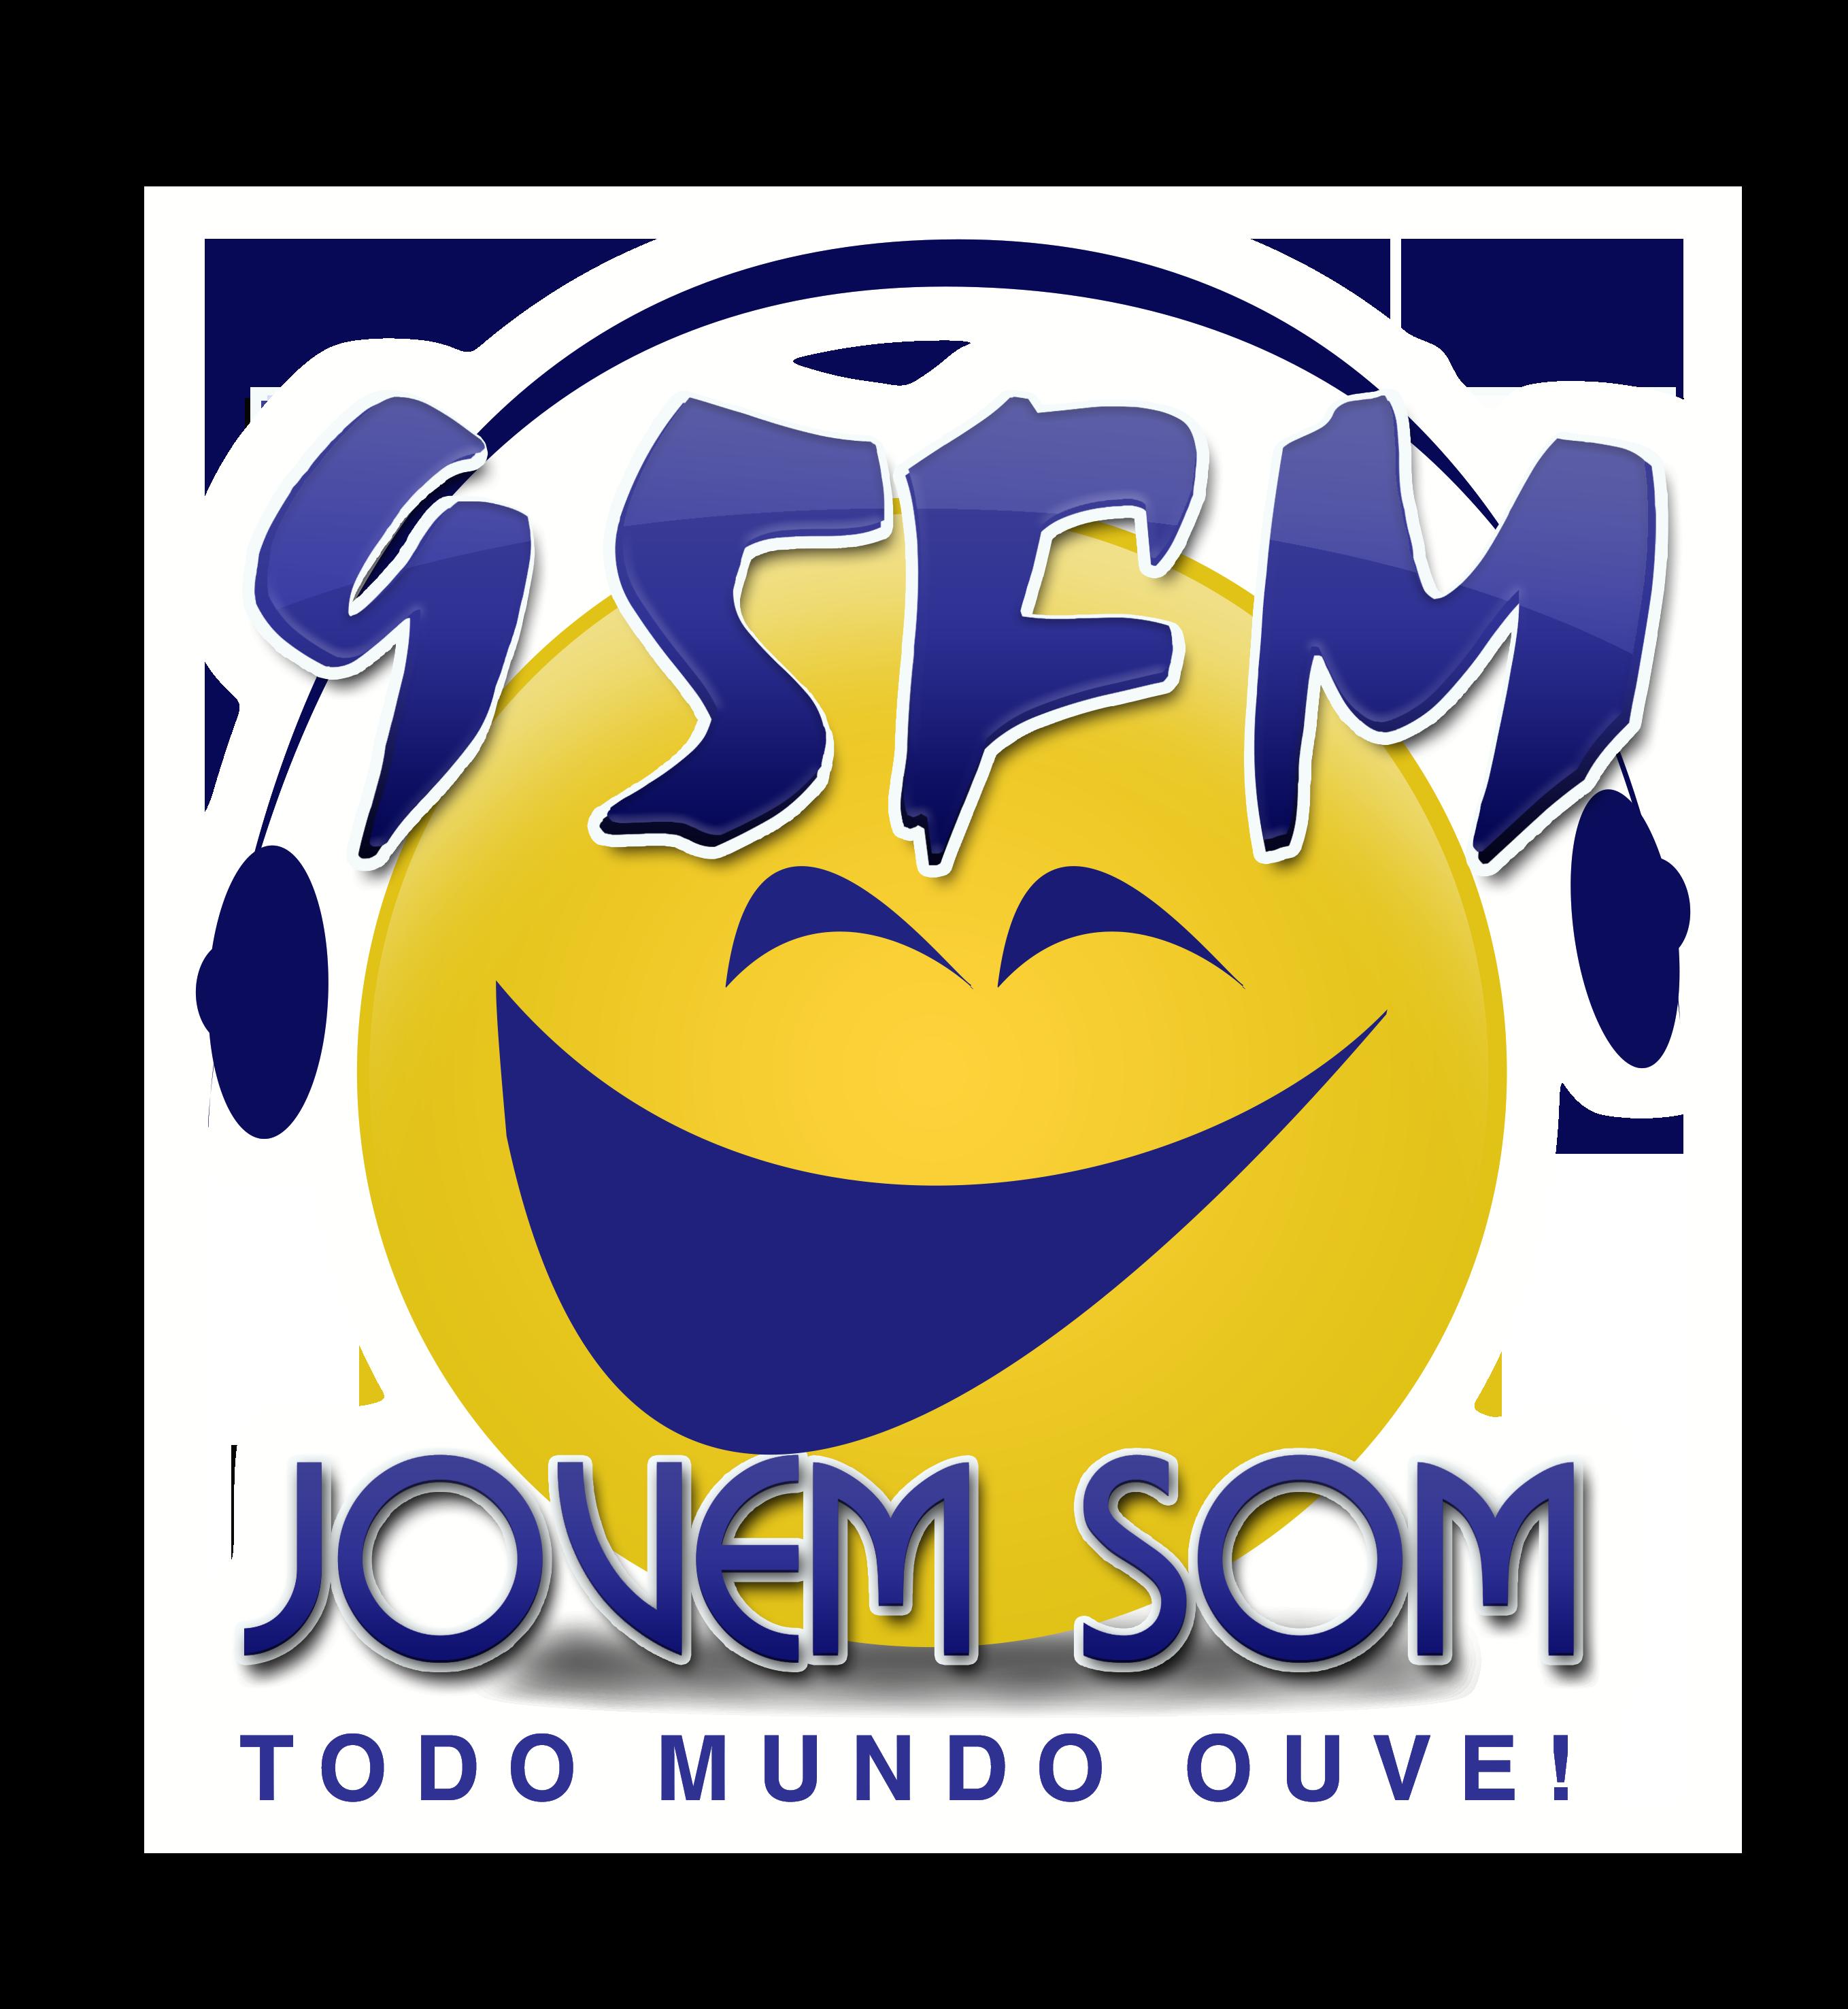 logo site Jovem som